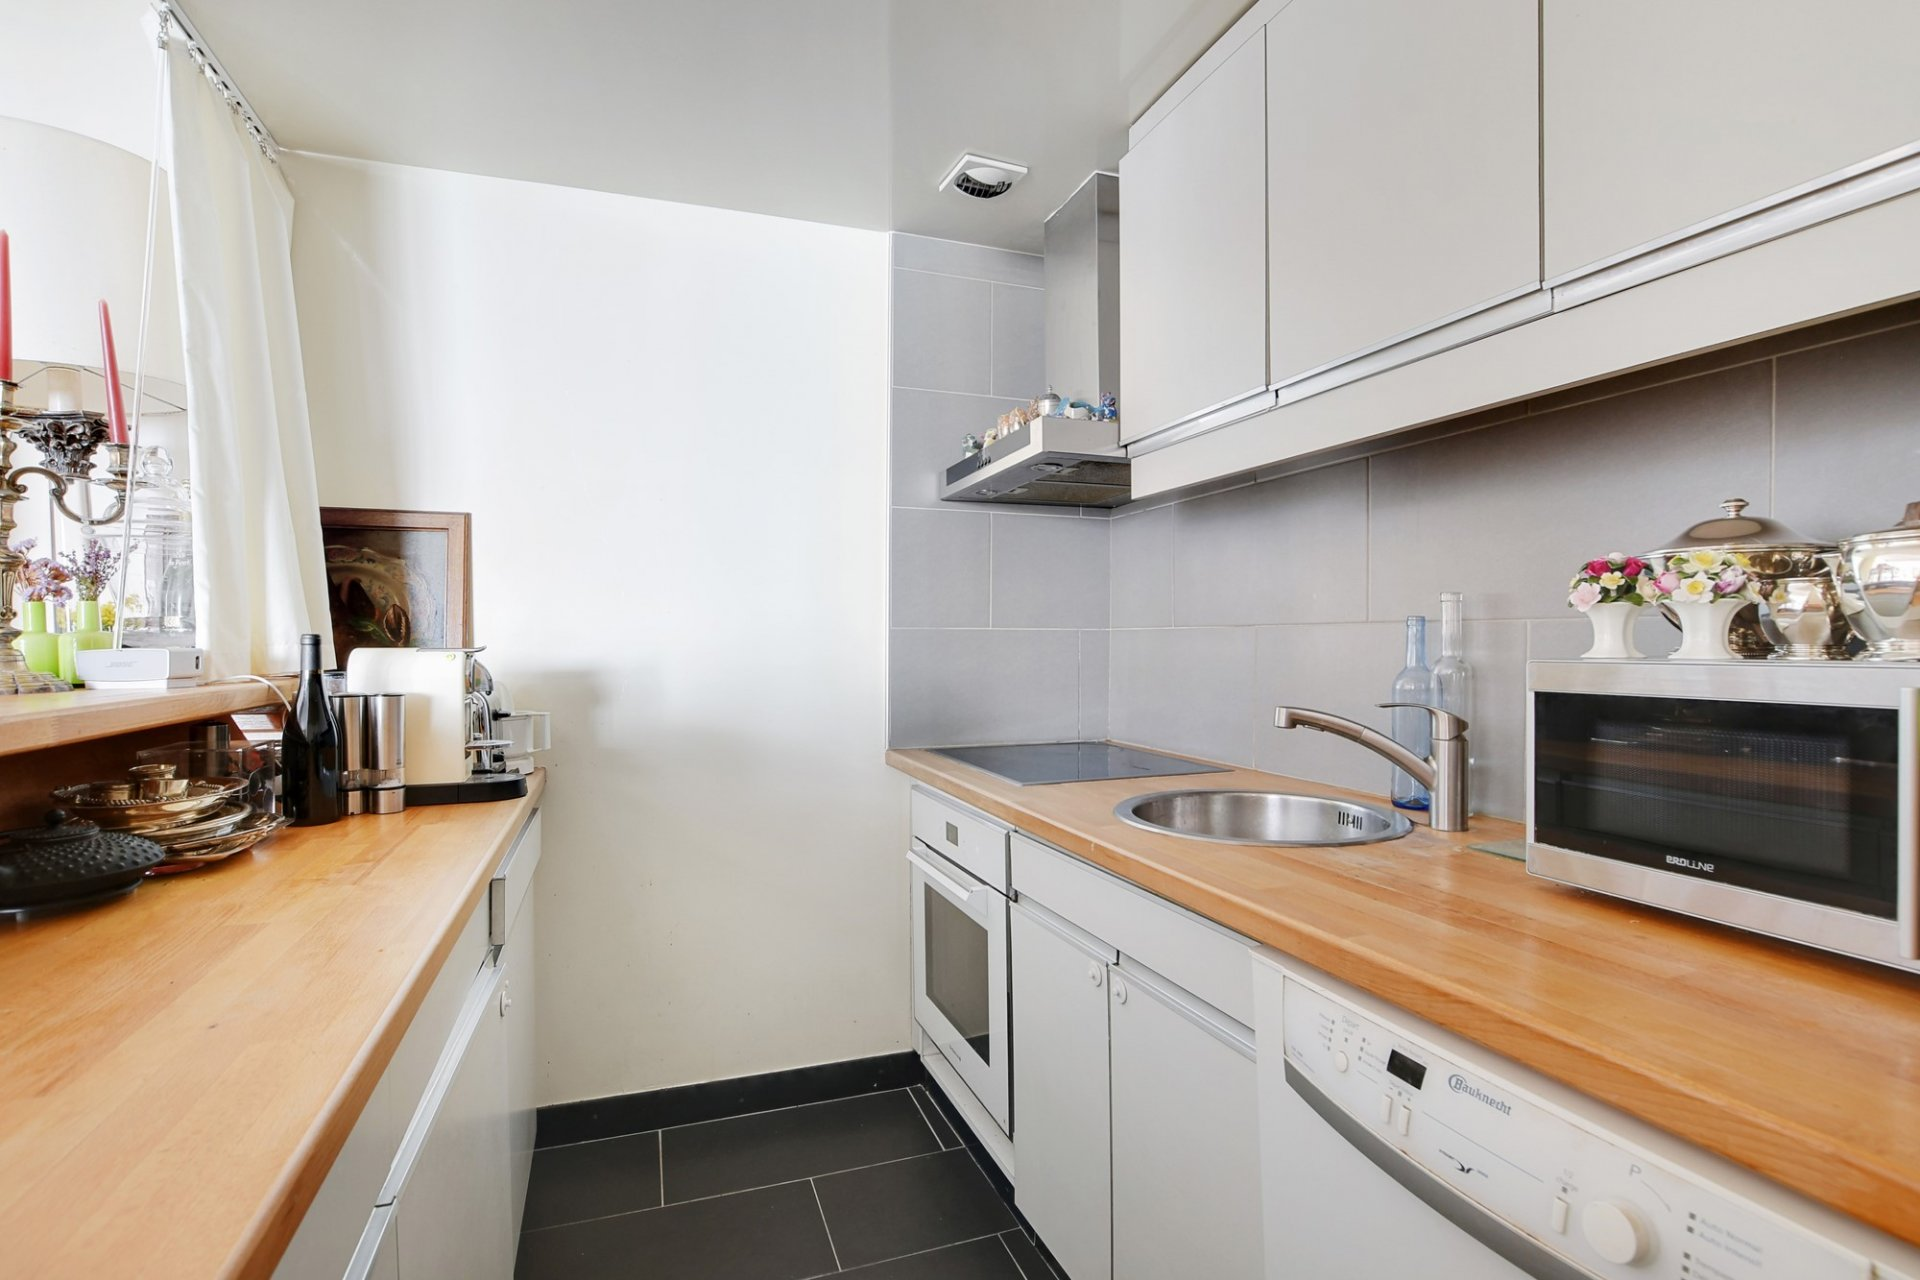 Sale Apartment - Paris 7th (Paris 7ème) Gros-Caillou